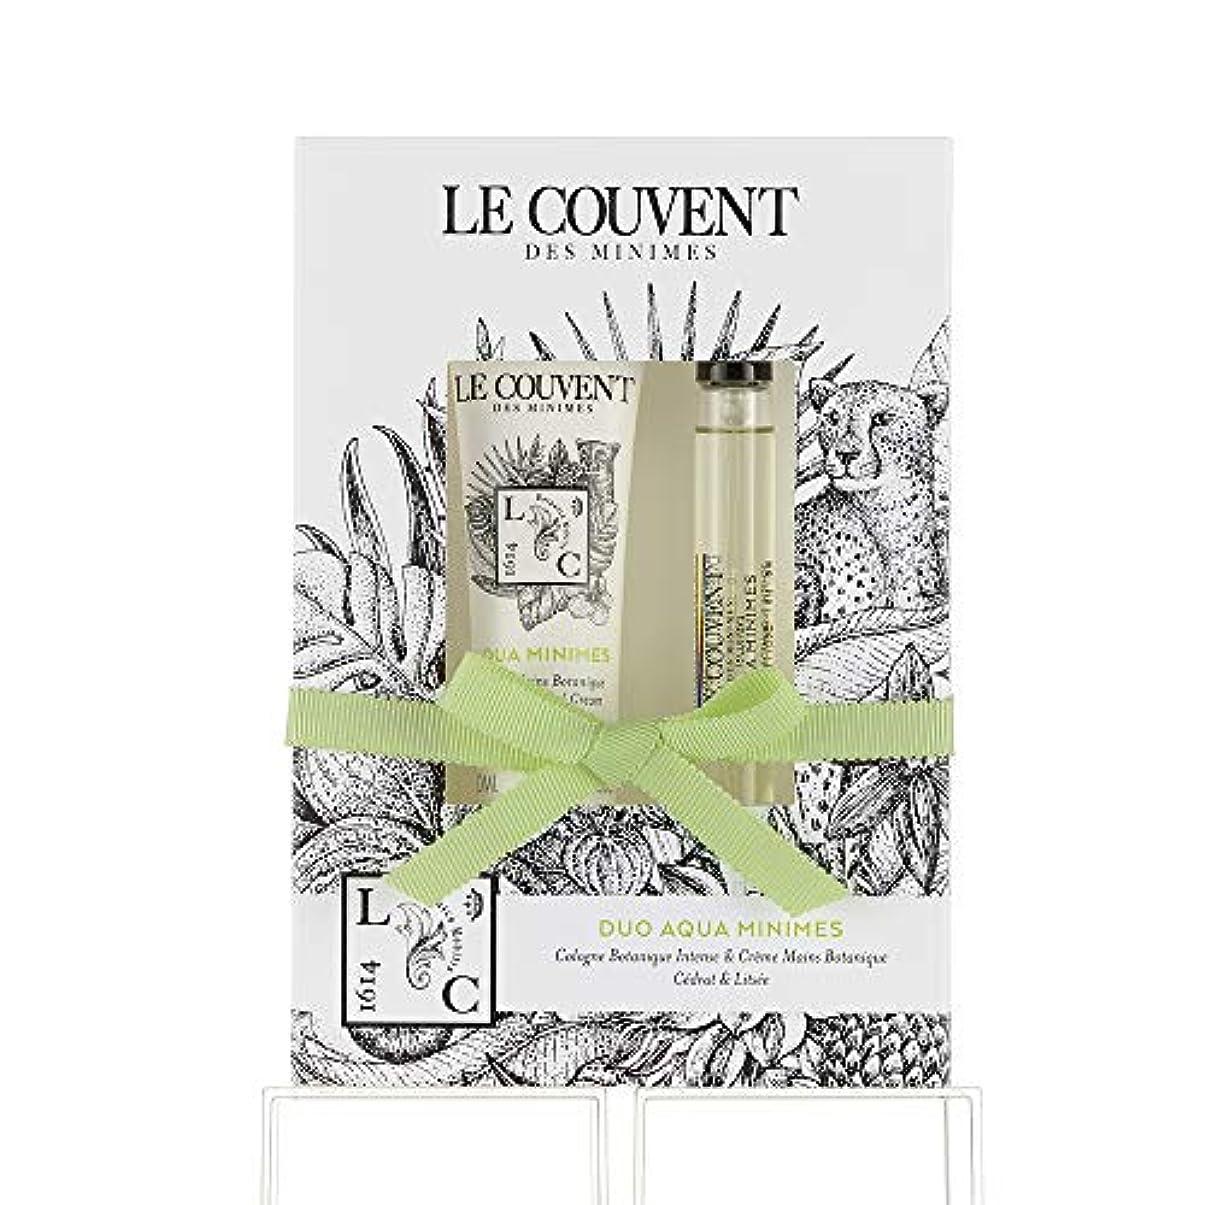 精神評価するポスタークヴォン?デ?ミニム(Le Couvent des Minimes) ボタニカルデュオ ボタニカルコロン アクアミニム10mL×1、アクアミニム ハンドクリーム30g×1